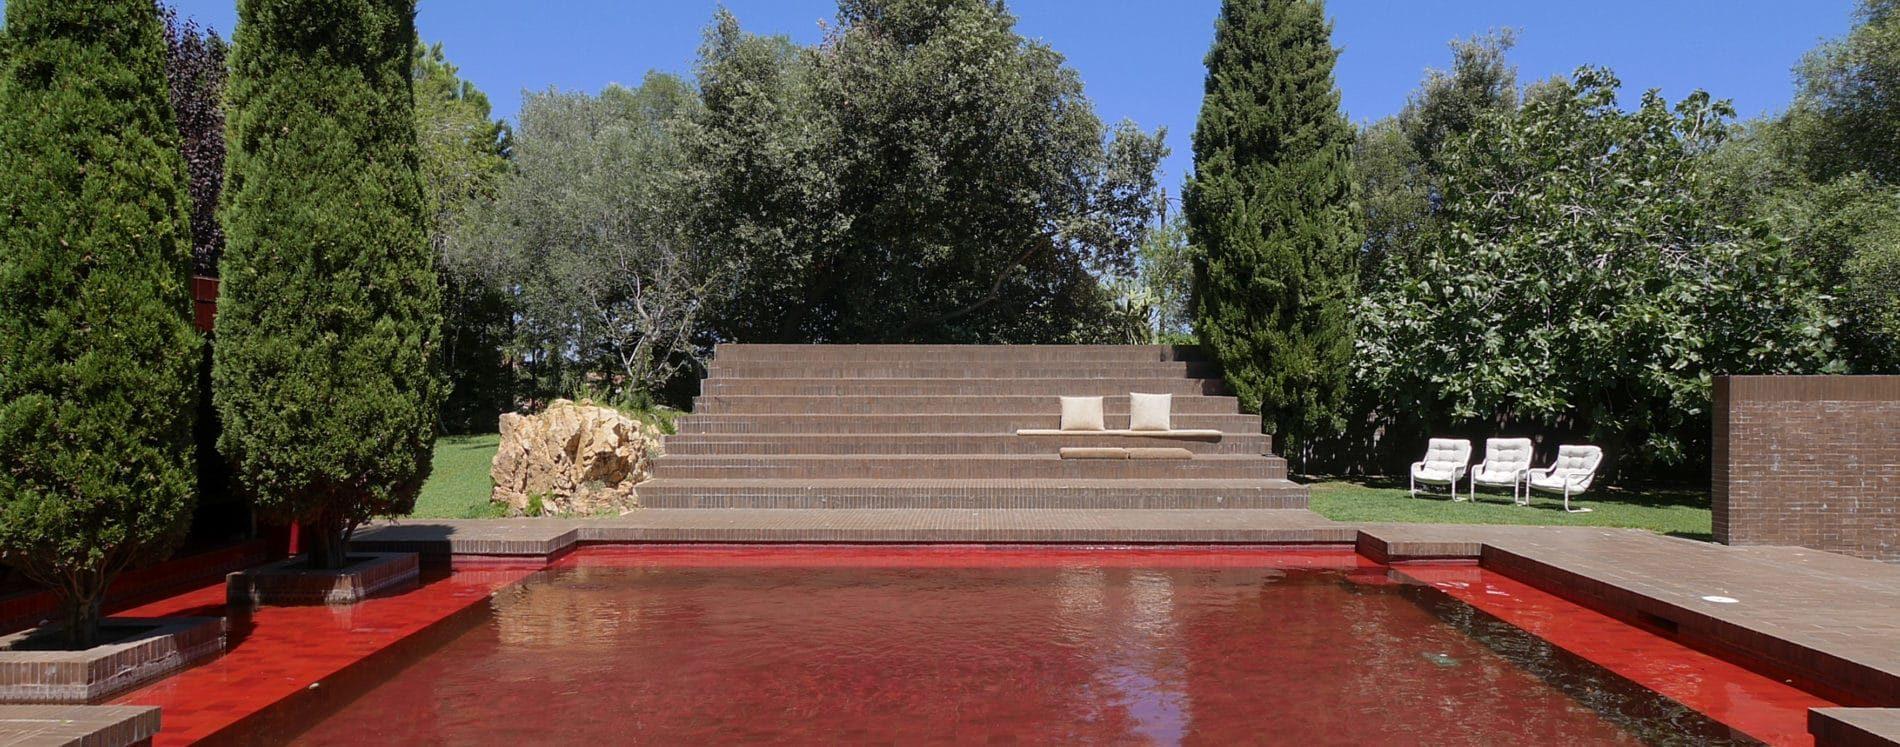 Expo : La Villa Noailles Retrace L'histoire Architecturale ... intérieur Piscine De Loos